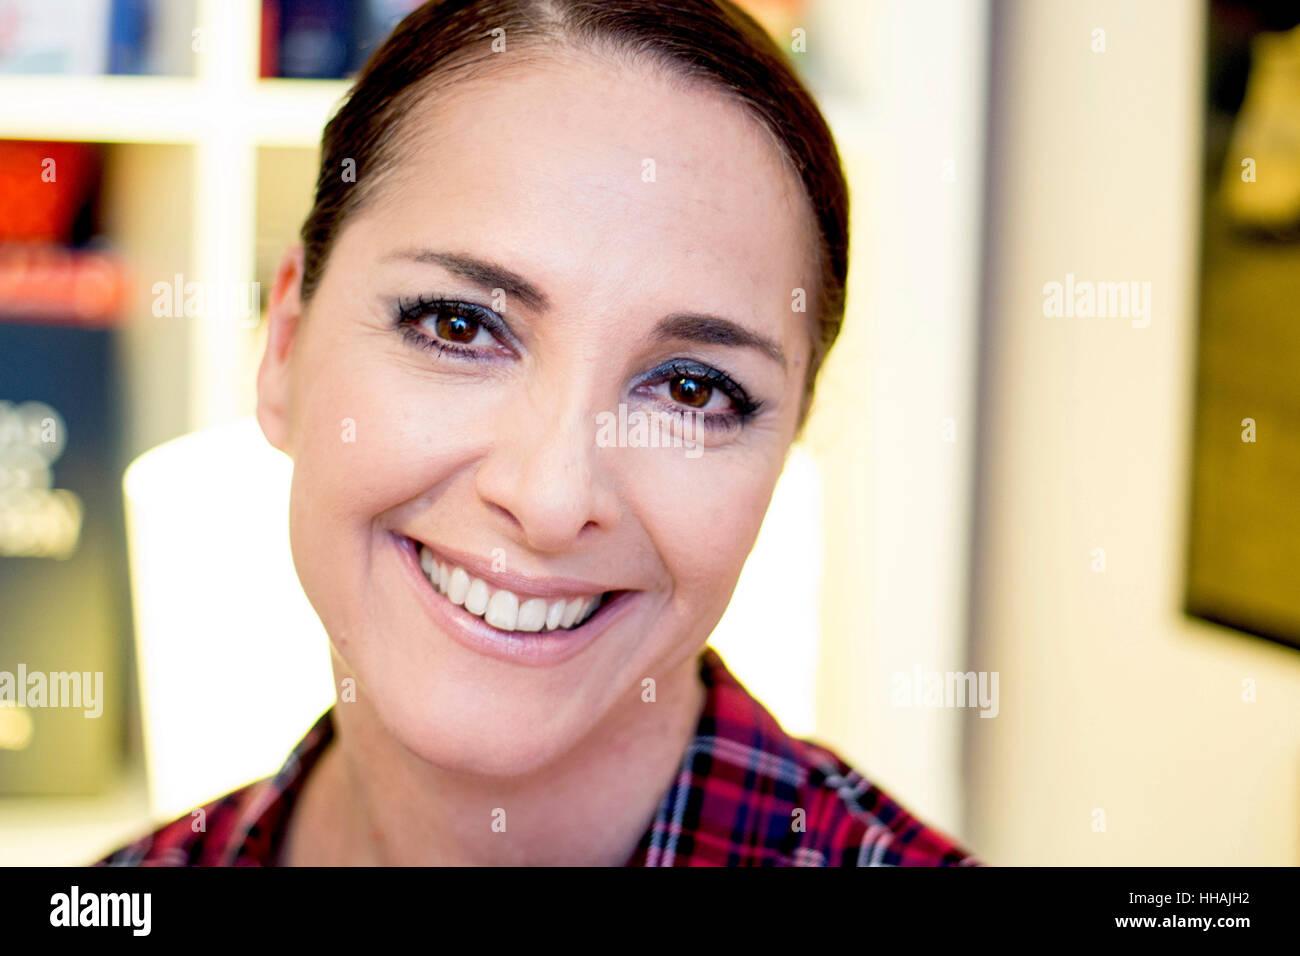 Porträt einer Frau, lächelnd, glücklich, Kamera, mittlere gealtert. Stockbild